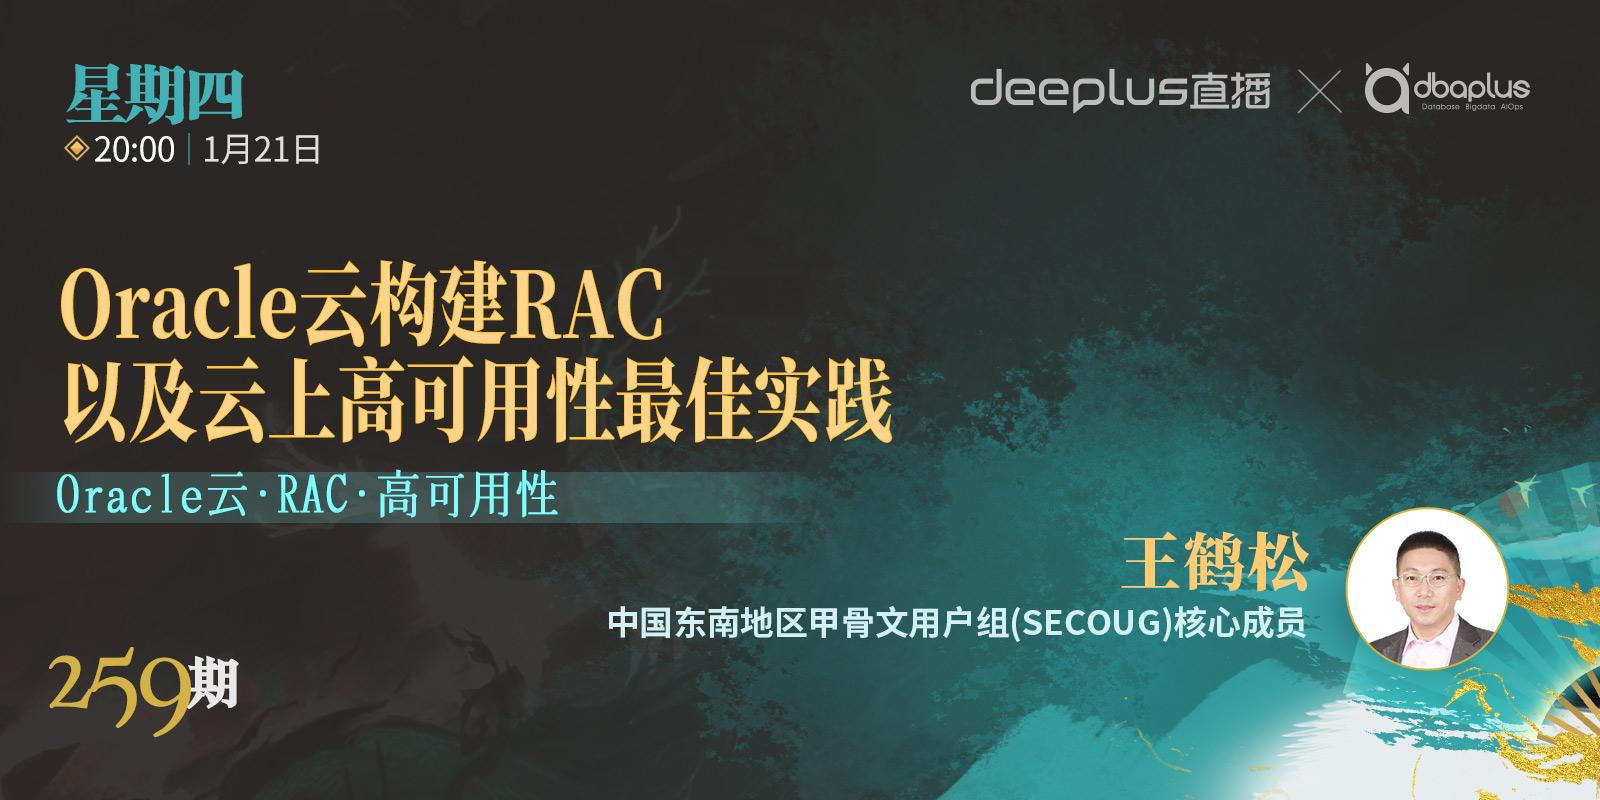 【dbaplus社群线上分享259期】Oracle云构建RAC以及云上高可用性最佳实践